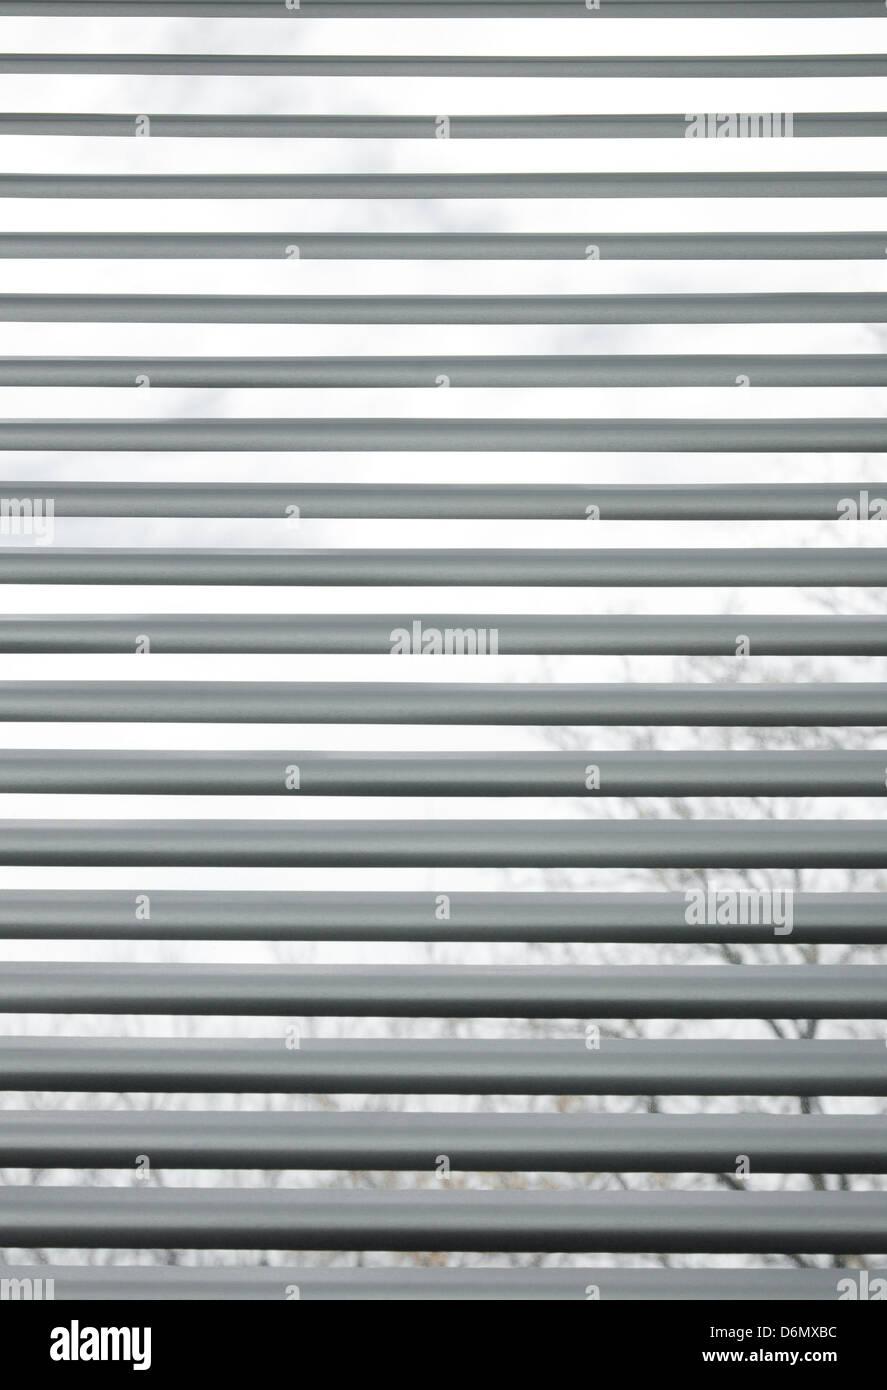 Bäume durch halb geschlossenen metallischen Jalousien in einem Fenster gesehen. Stockfoto